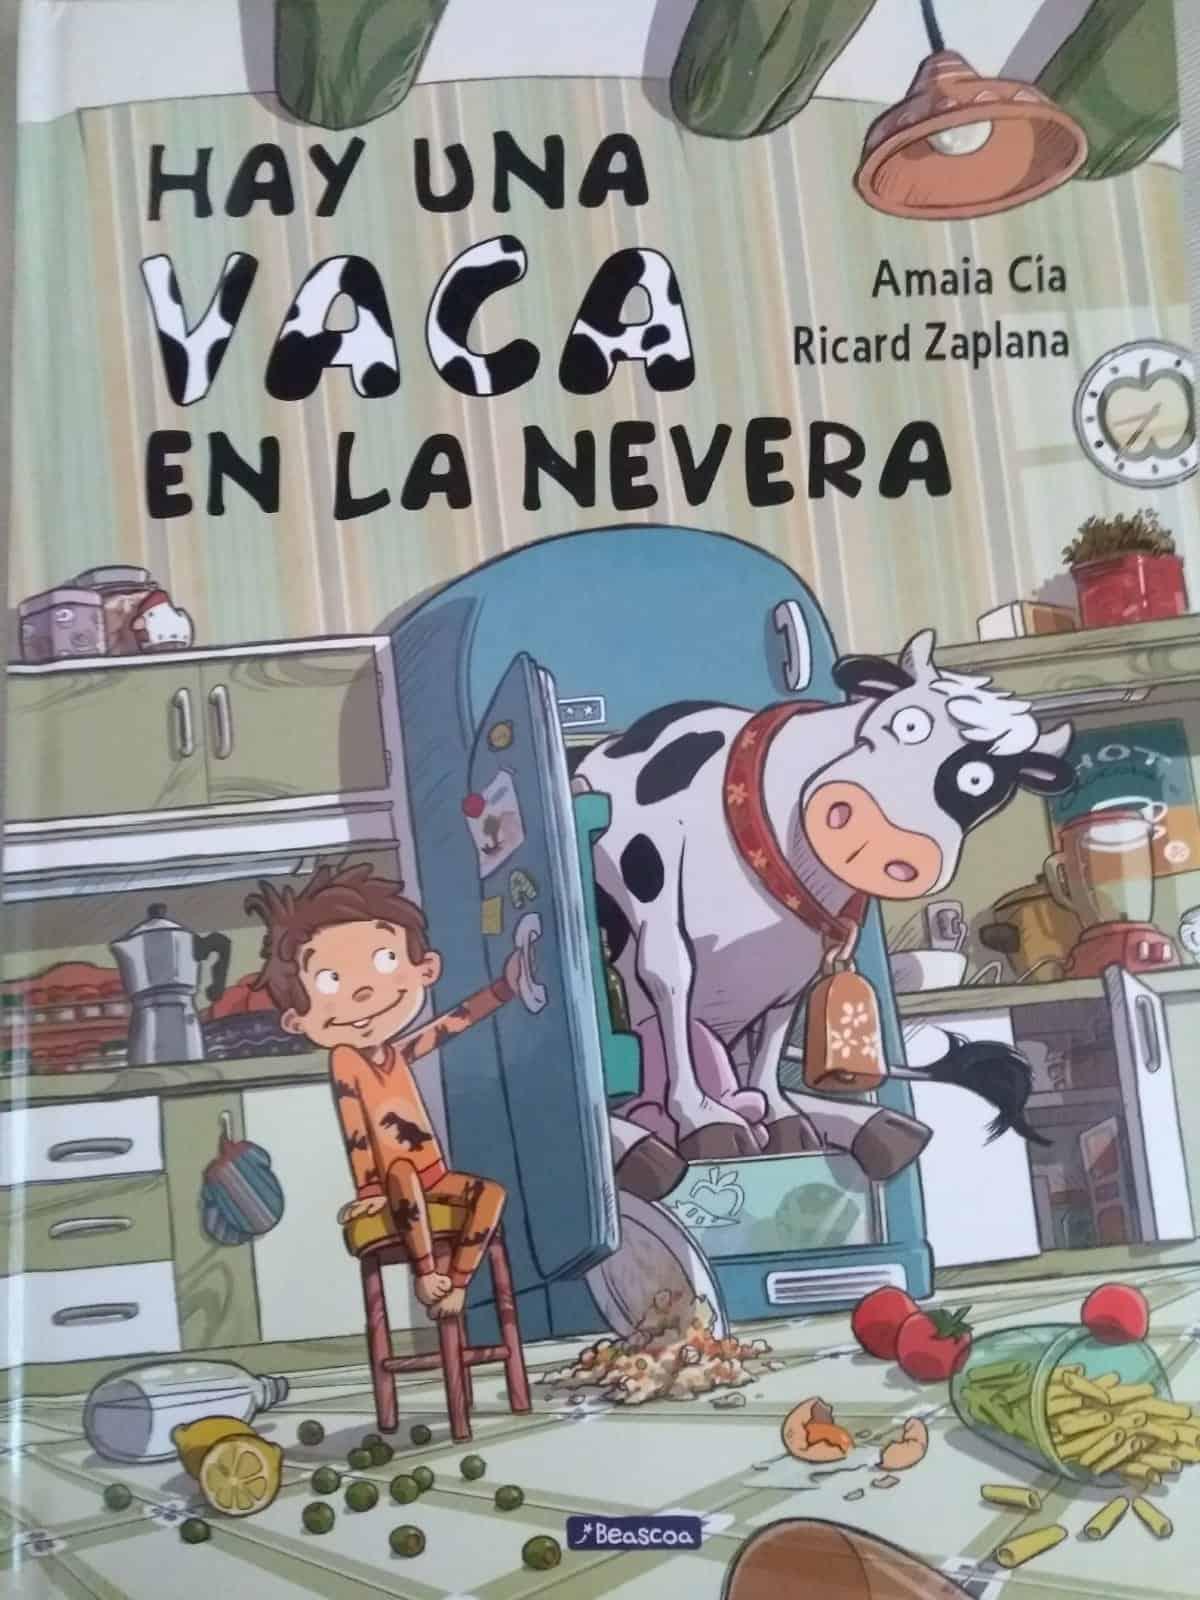 vaca en la nevera